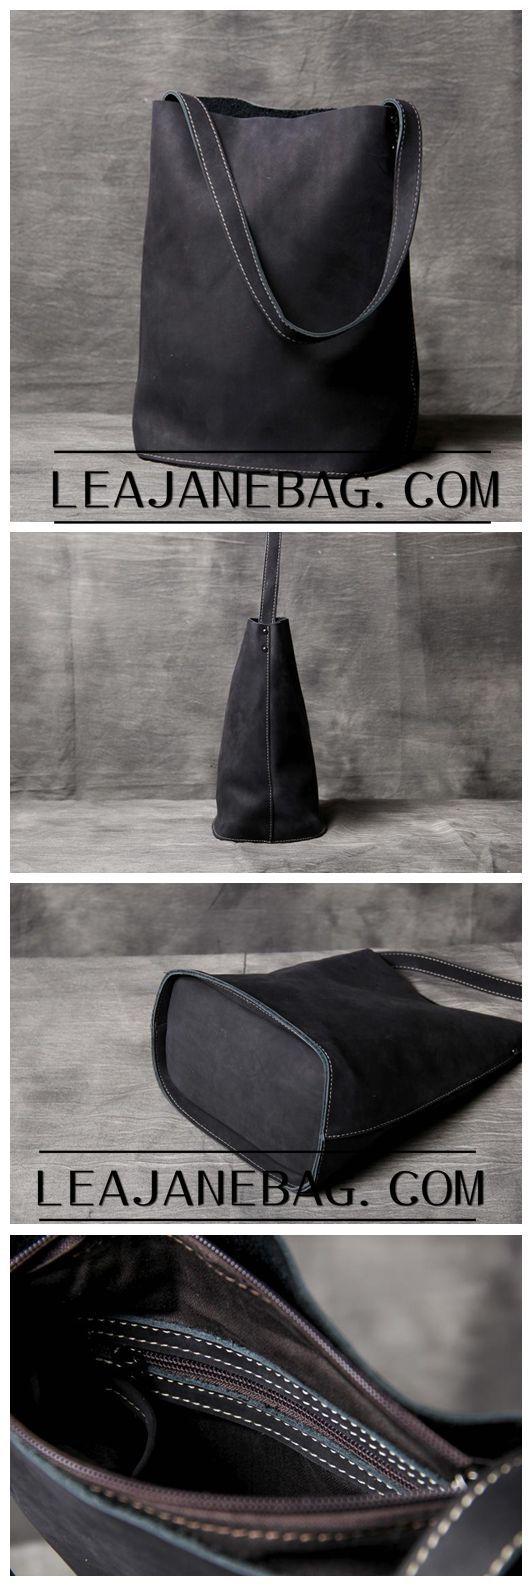 Leather Tote Bag, Womens Gift, Black Leather Bag, Leather Shoulder Bag OAK-036